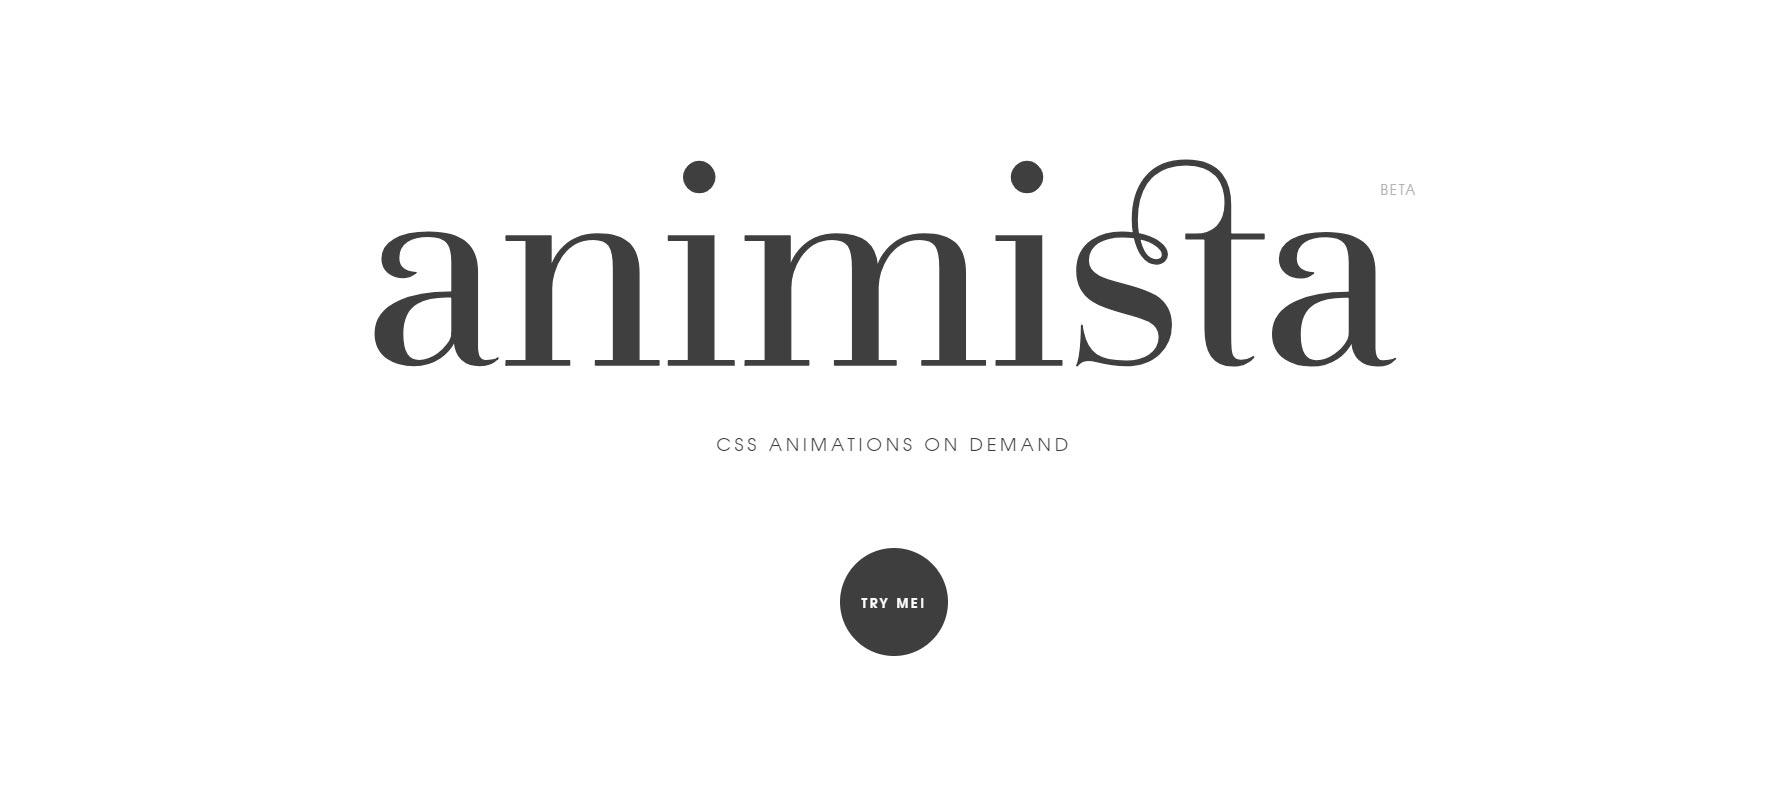 Générer rapidement des animations css3 pour vos sites internet